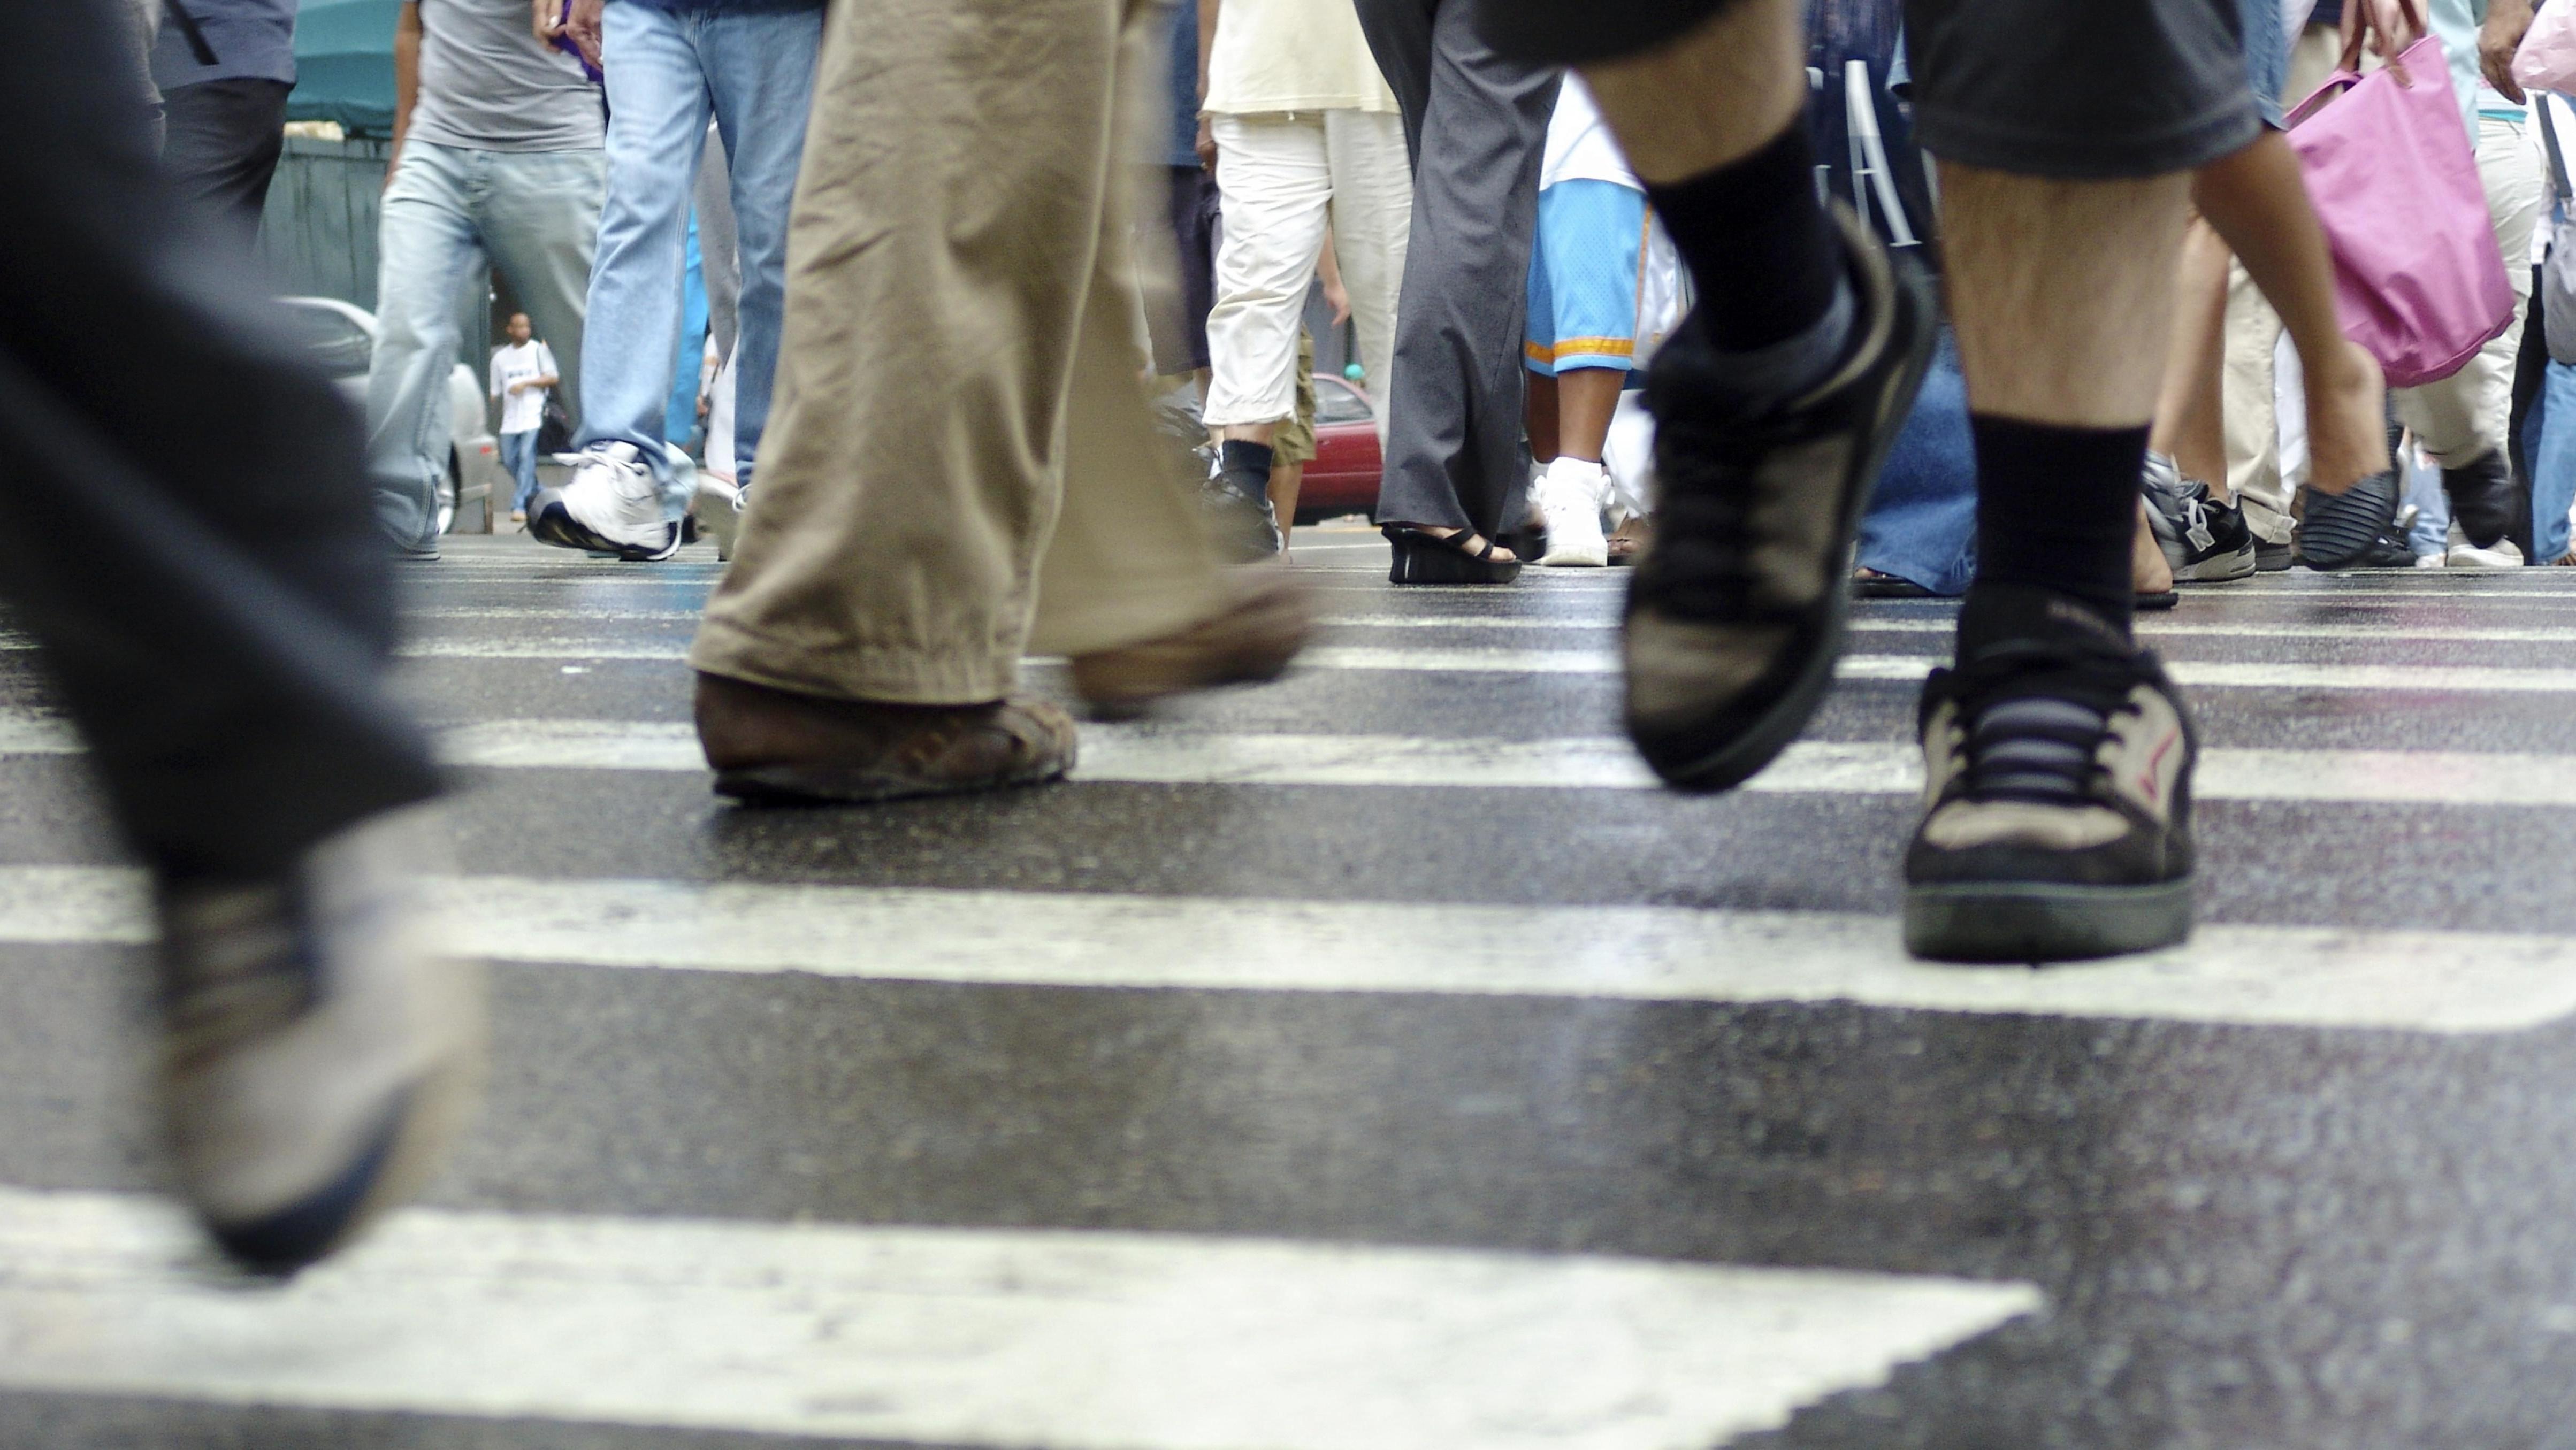 Fußgänger überqueren eine Straße auf einem Zebrastreifen.  Das Umweltbundesamt fordert mehr Maßnahmen für Fußgänger im Straßenverkehr.